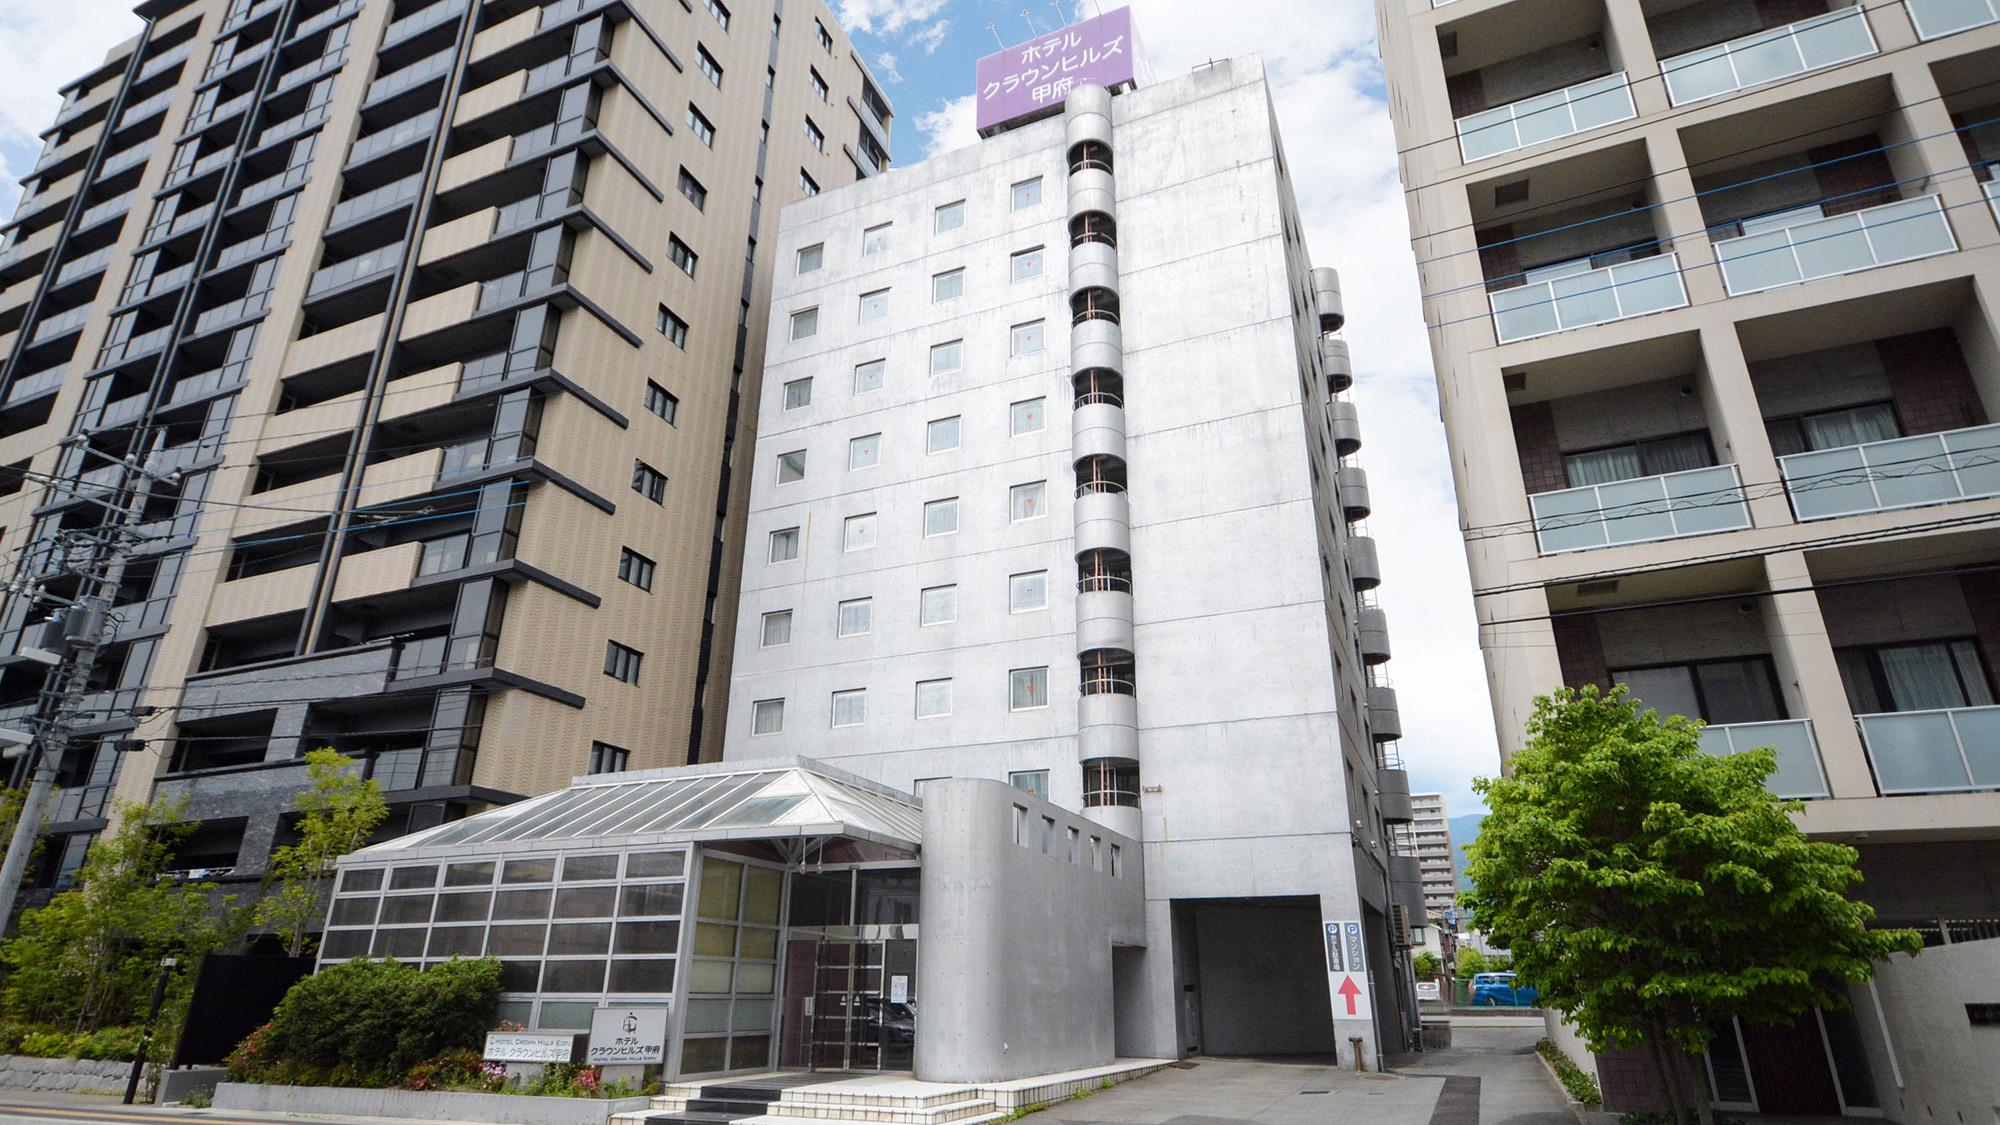 ホテル クラウンヒルズ 甲府◆楽天トラベル